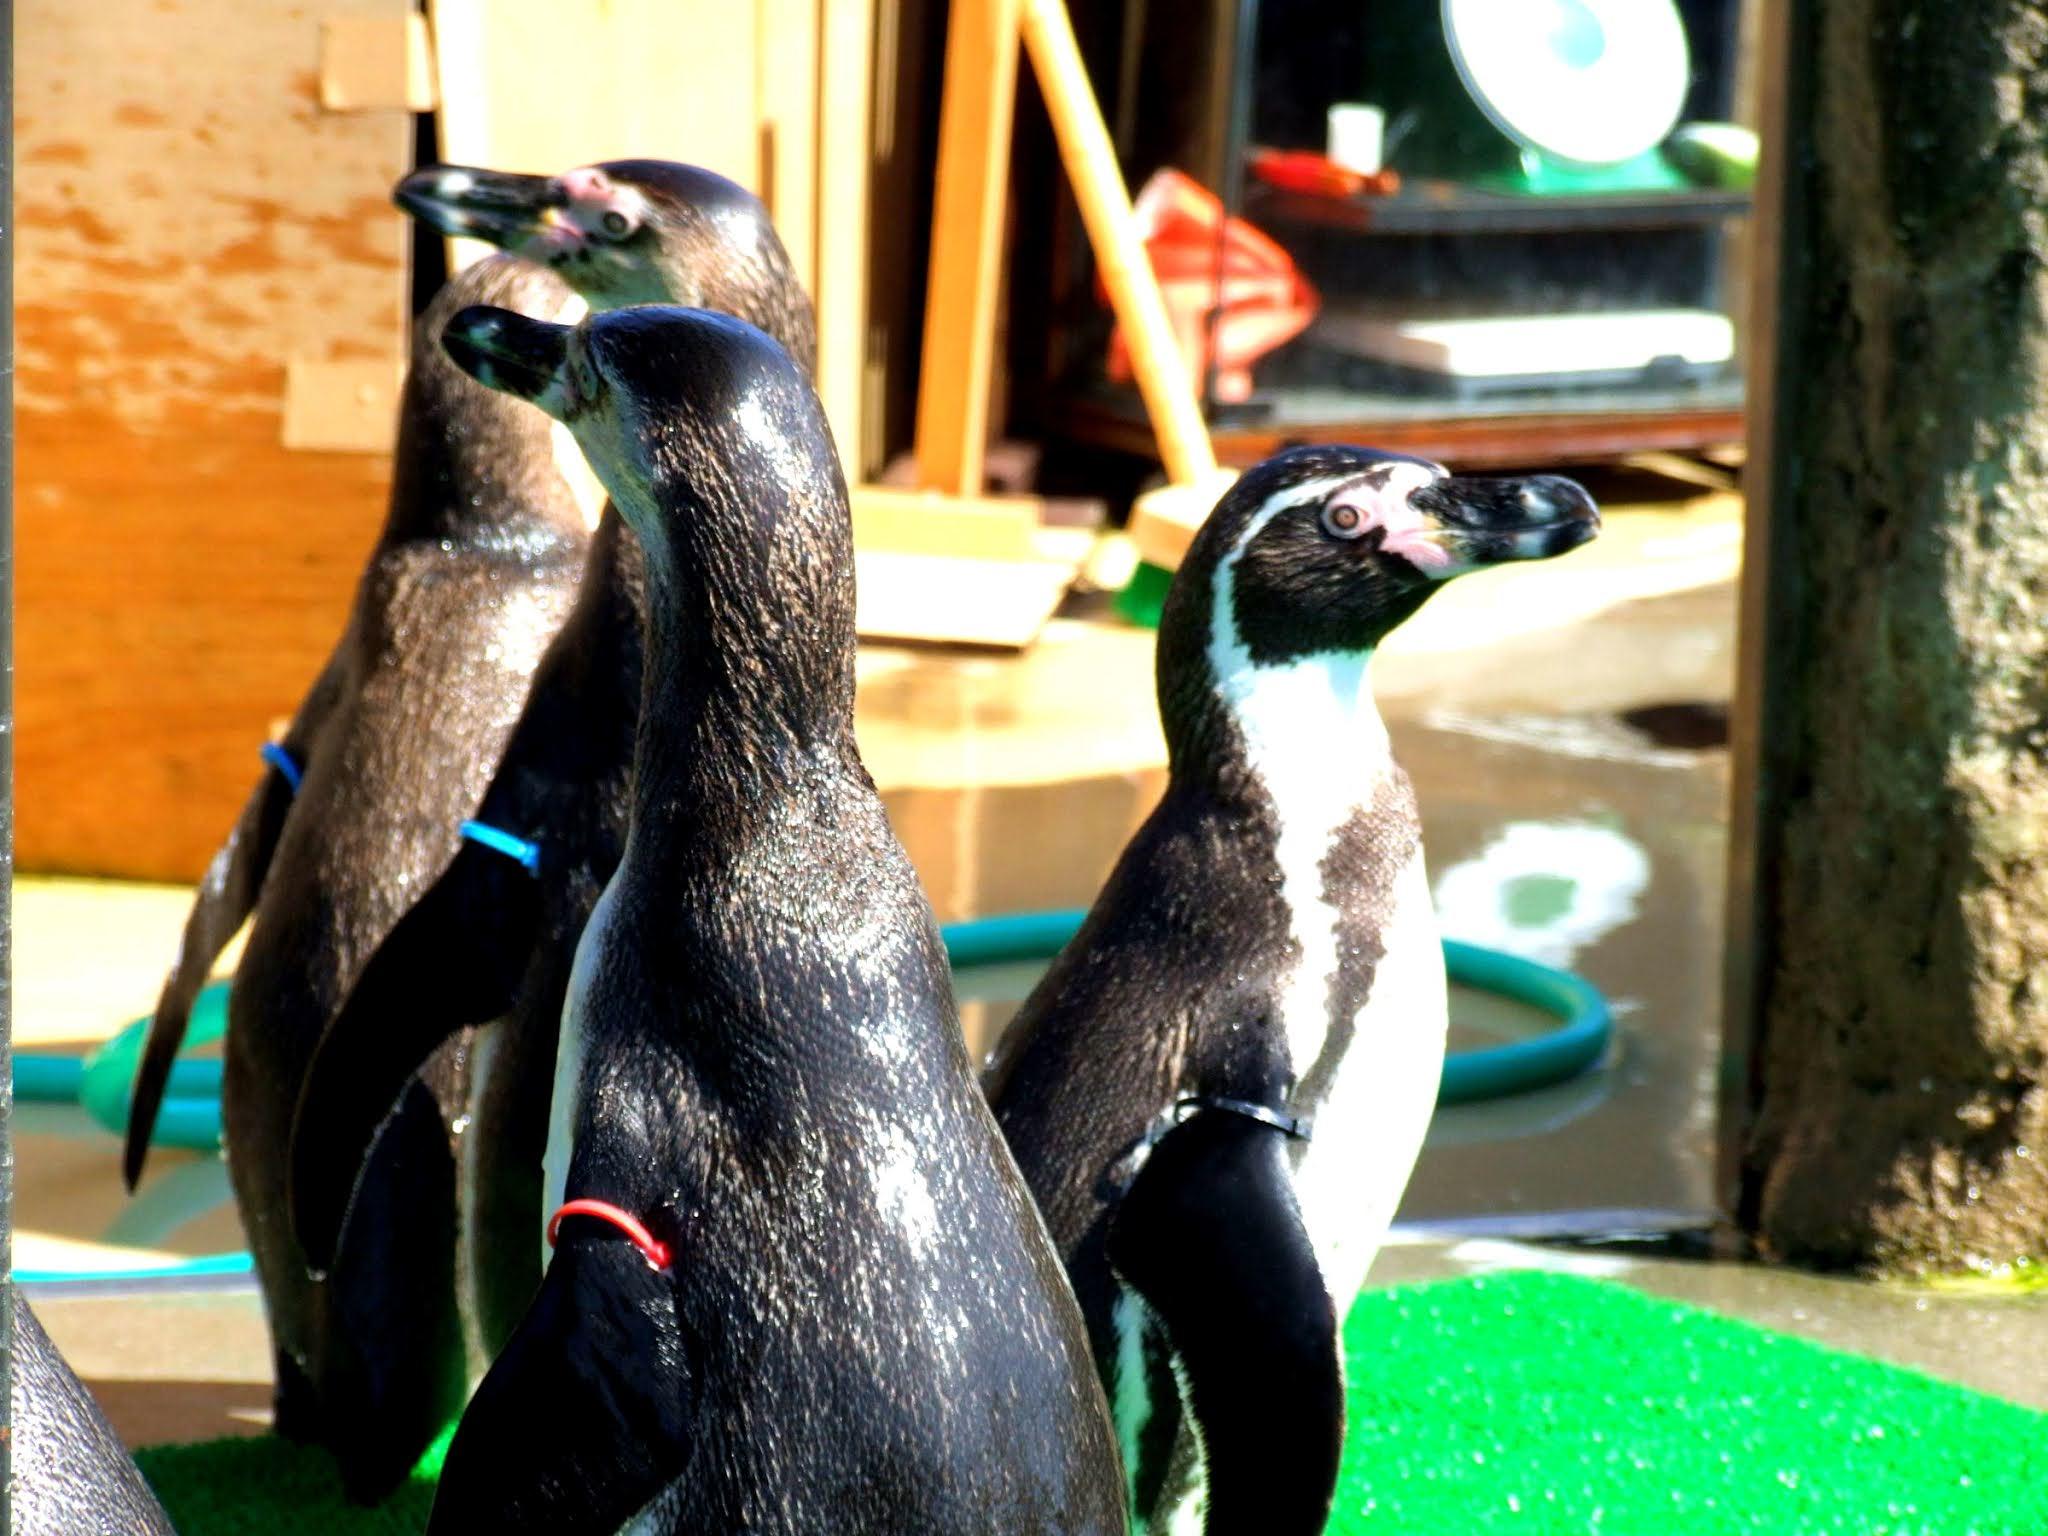 円になって円陣を組むように集まって、思い思いに好きな方向を見つめているペンギンさんたちの写真素材です。